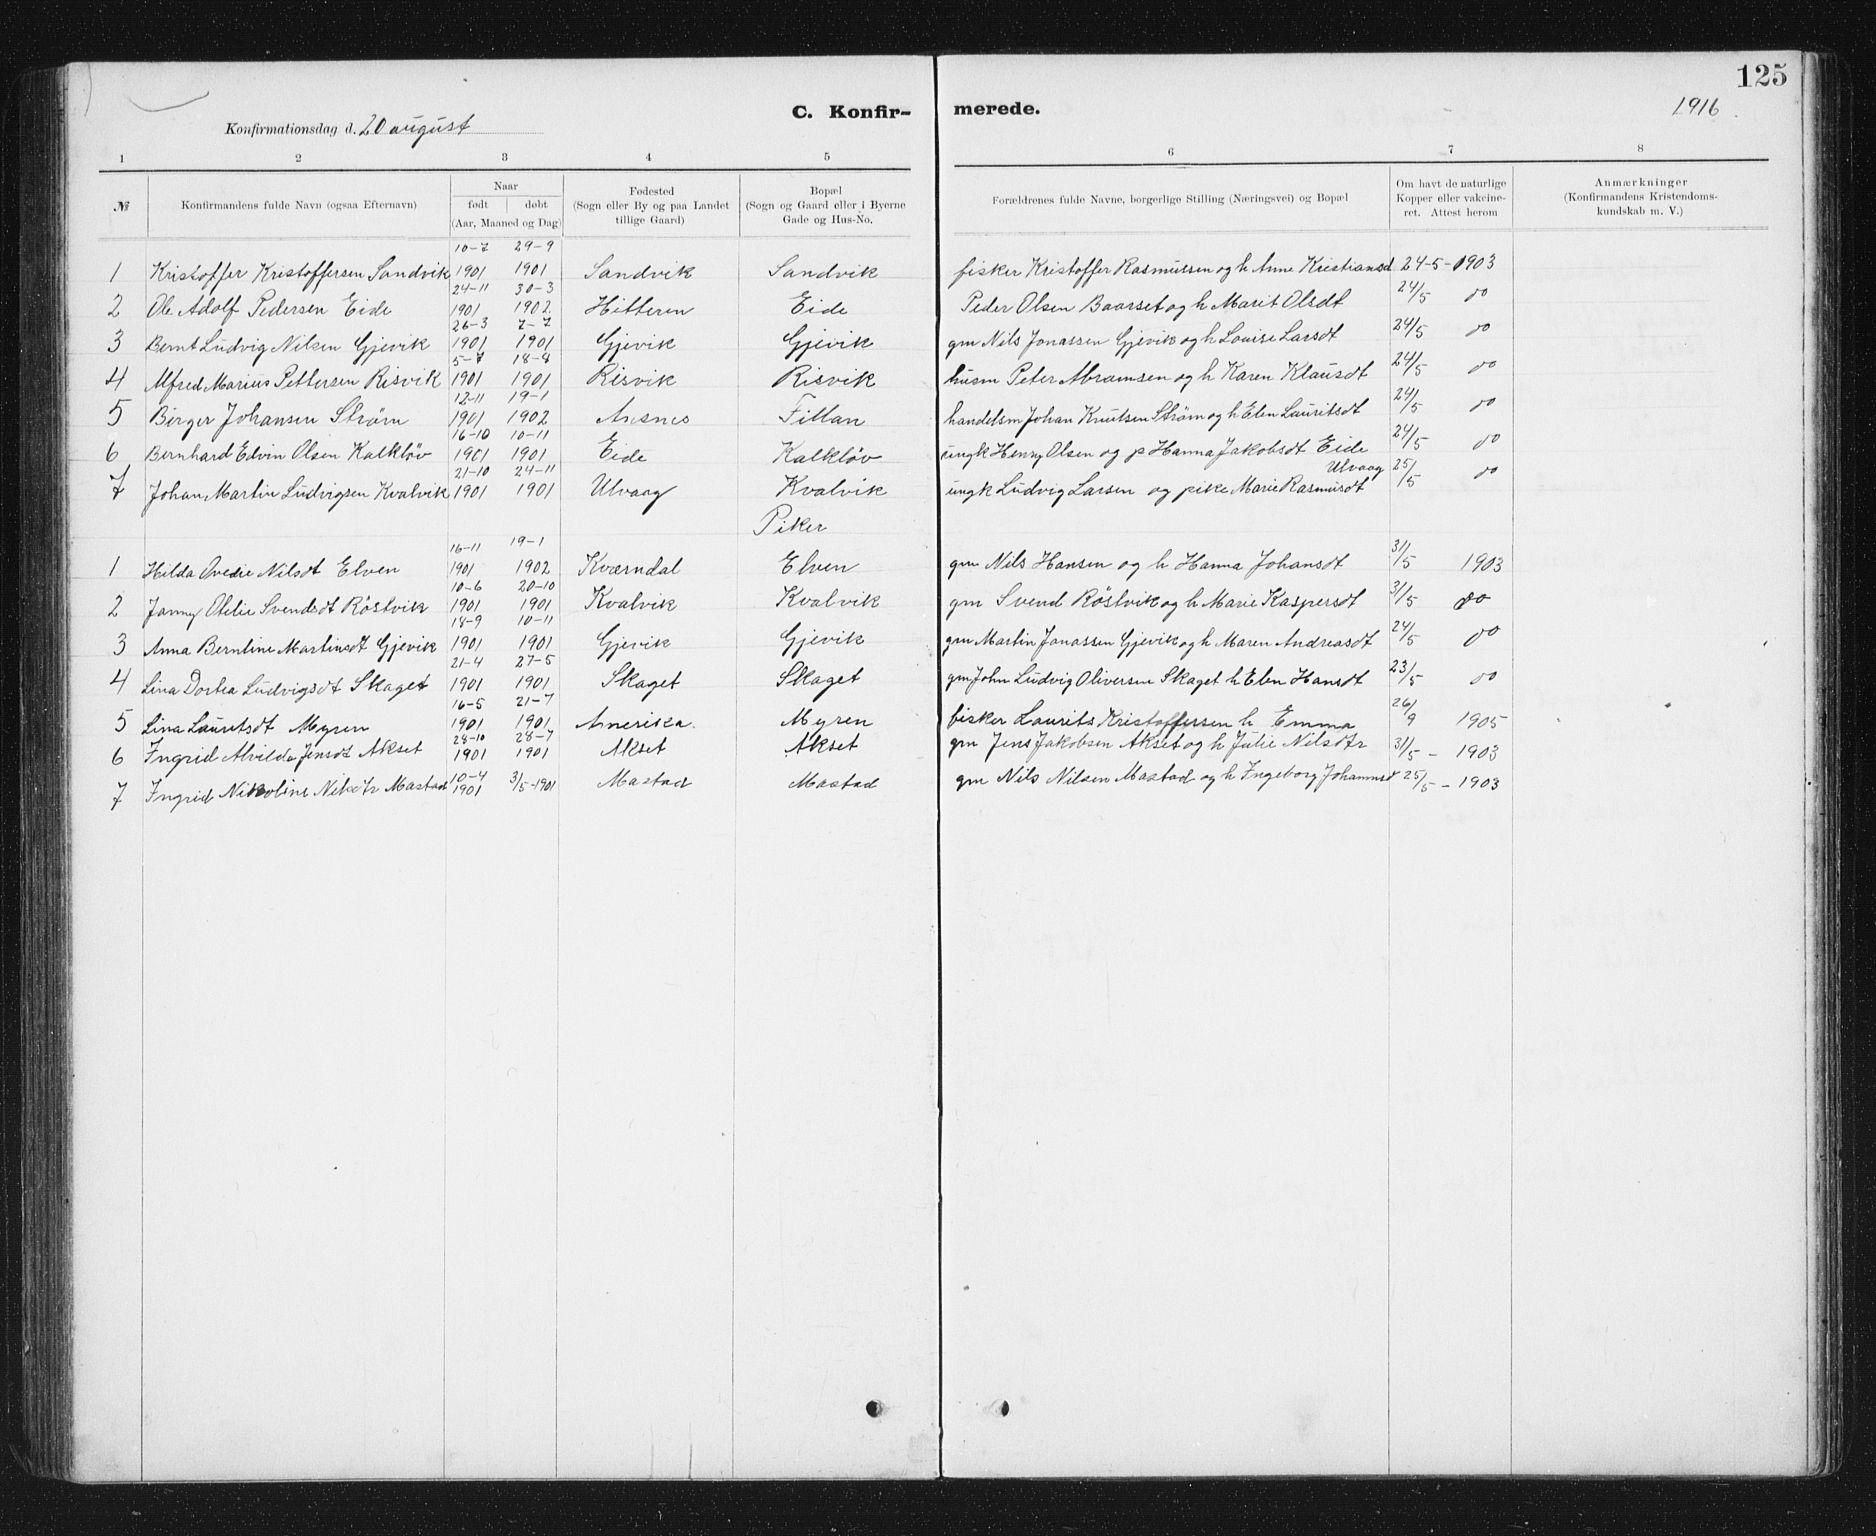 SAT, Ministerialprotokoller, klokkerbøker og fødselsregistre - Sør-Trøndelag, 637/L0563: Klokkerbok nr. 637C04, 1899-1940, s. 125